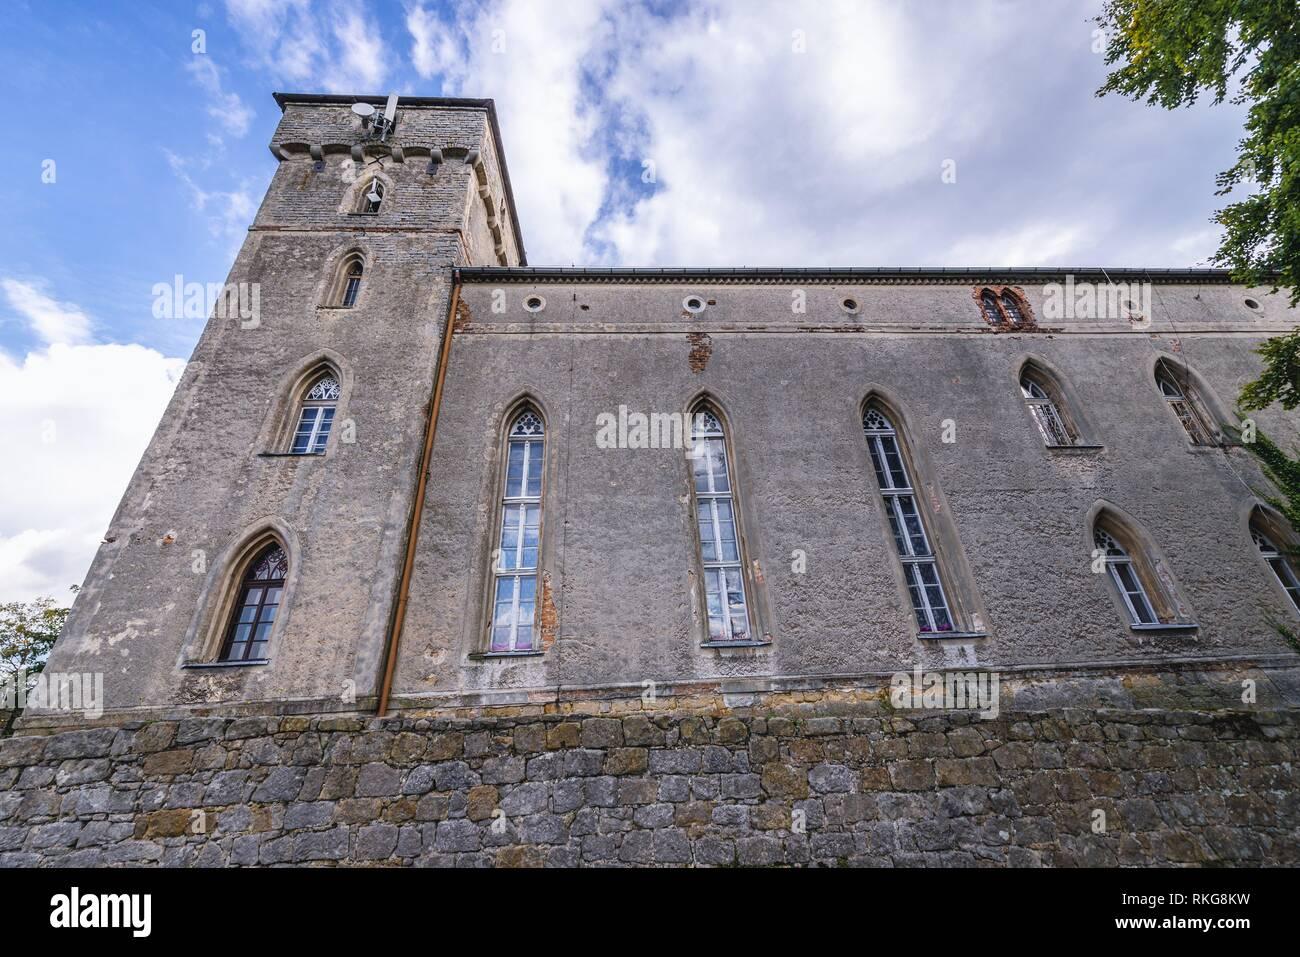 Esterno del Lesna Skala Castello (foresta castello di roccia), attualmente il benessere sociale Home in città Szczytna, Bassa Slesia voivodato di Polonia. Immagini Stock